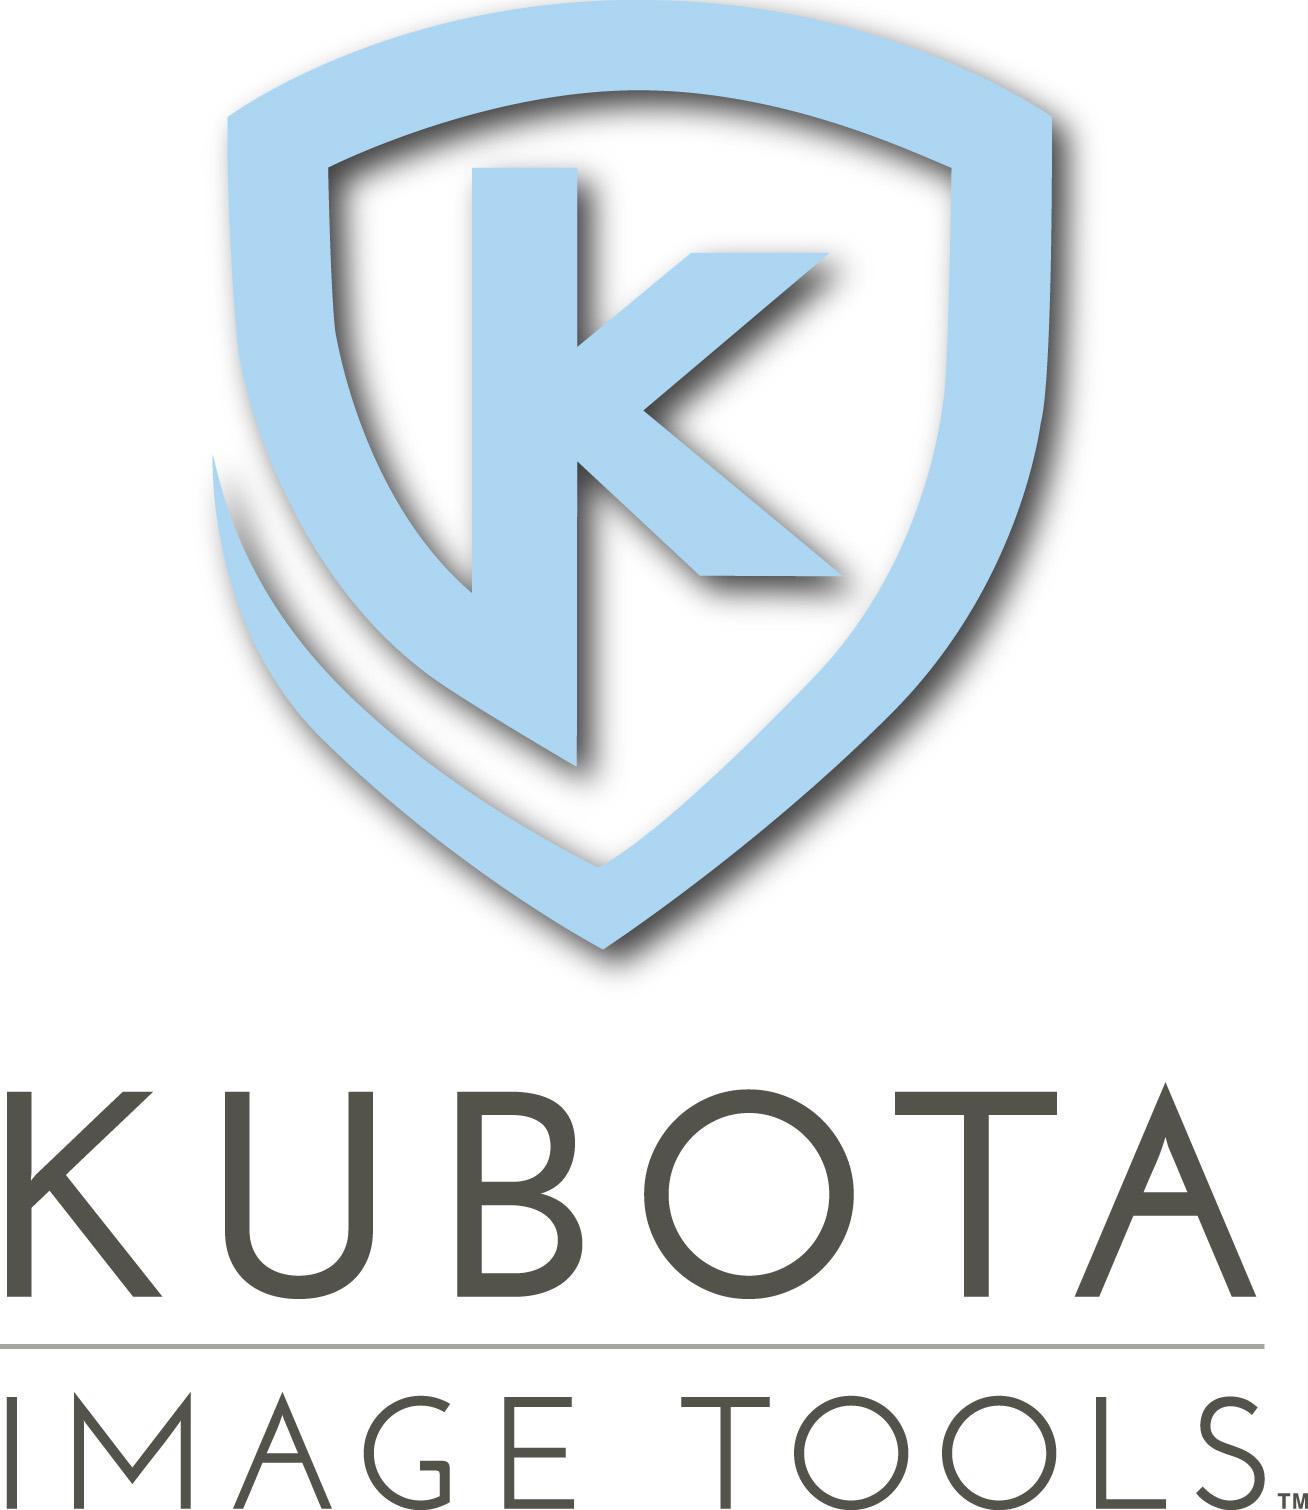 Kubota Image Tools